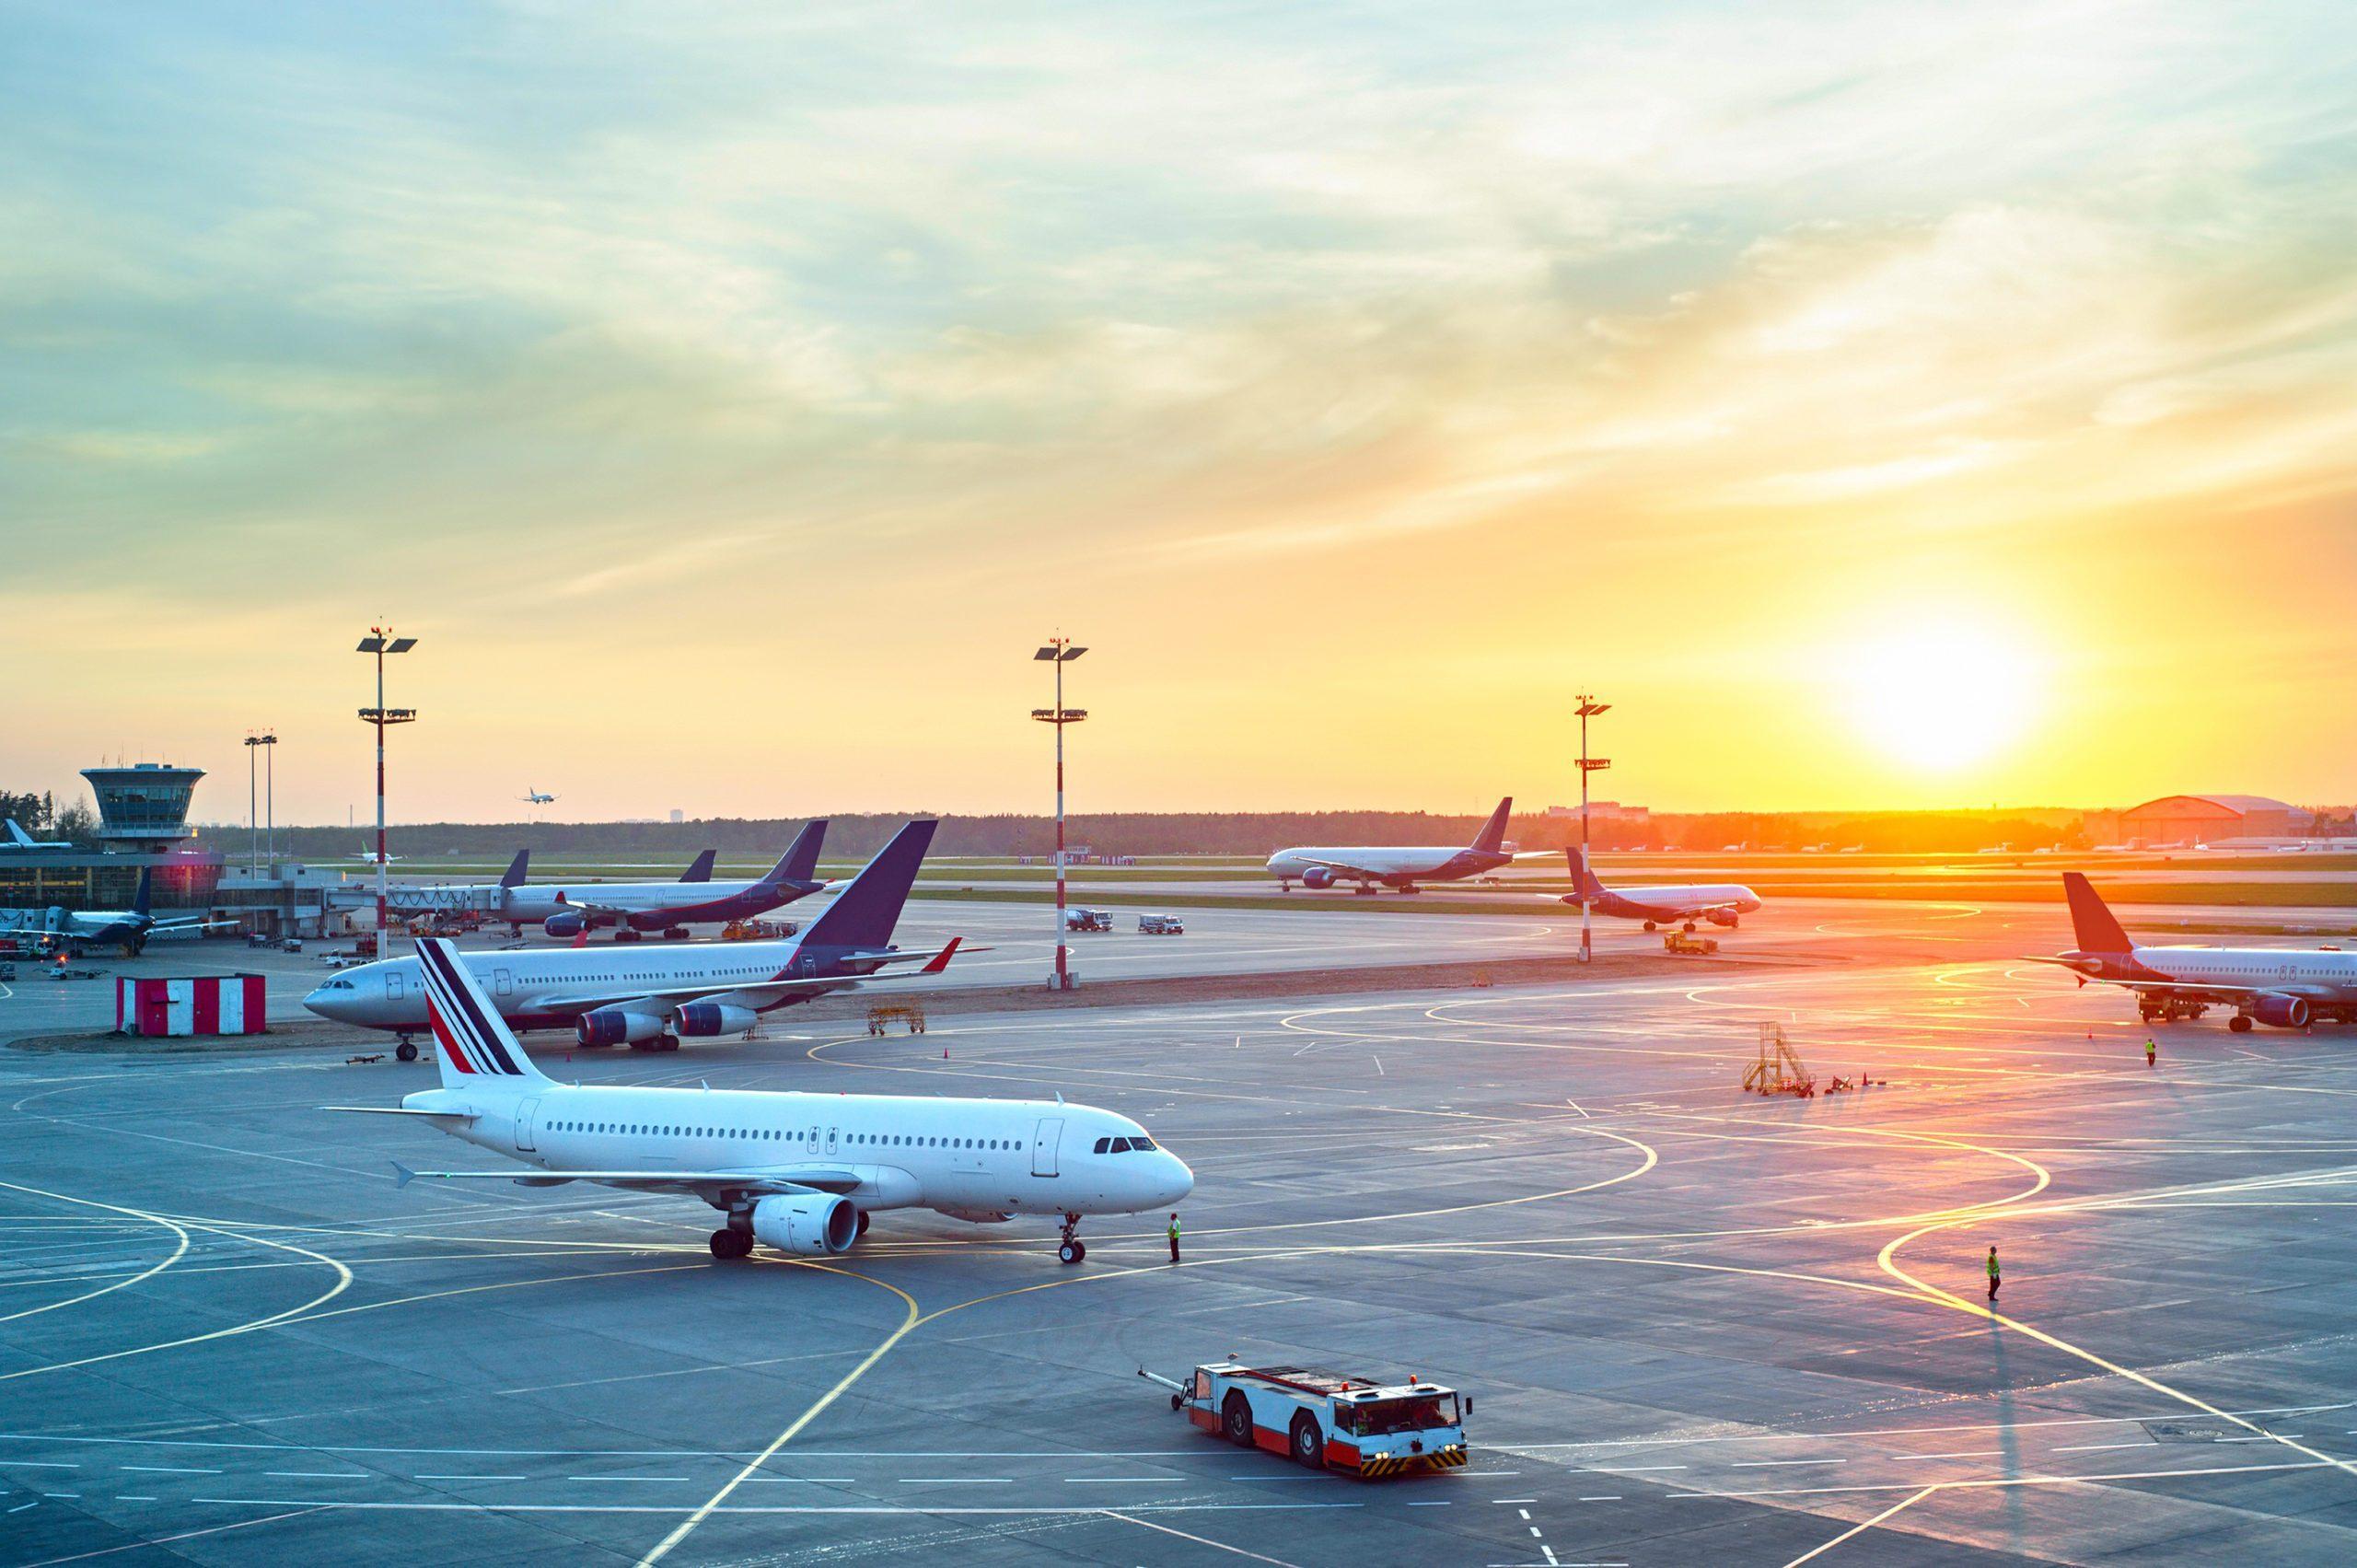 Autovermietung am Flughafen München – Ein Leitfaden